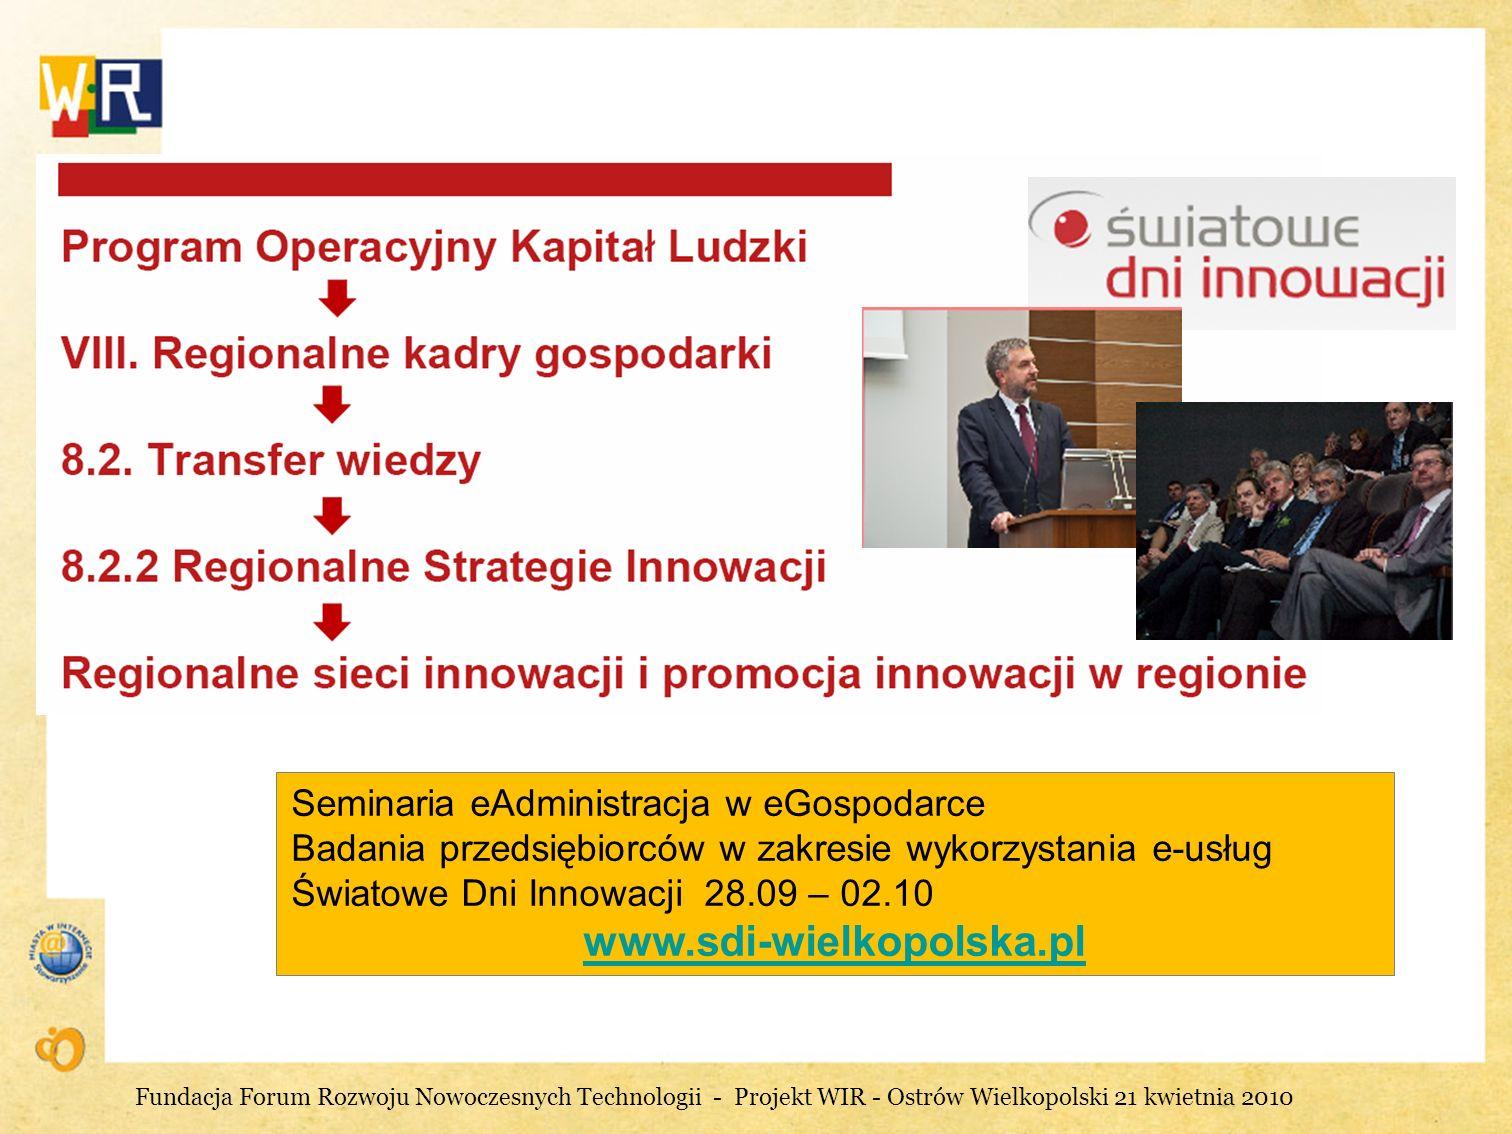 Działania Urzędu Marszałkowskiego na rzecz innowacji Seminaria eAdministracja w eGospodarce Badania przedsiębiorców w zakresie wykorzystania e-usług Ś